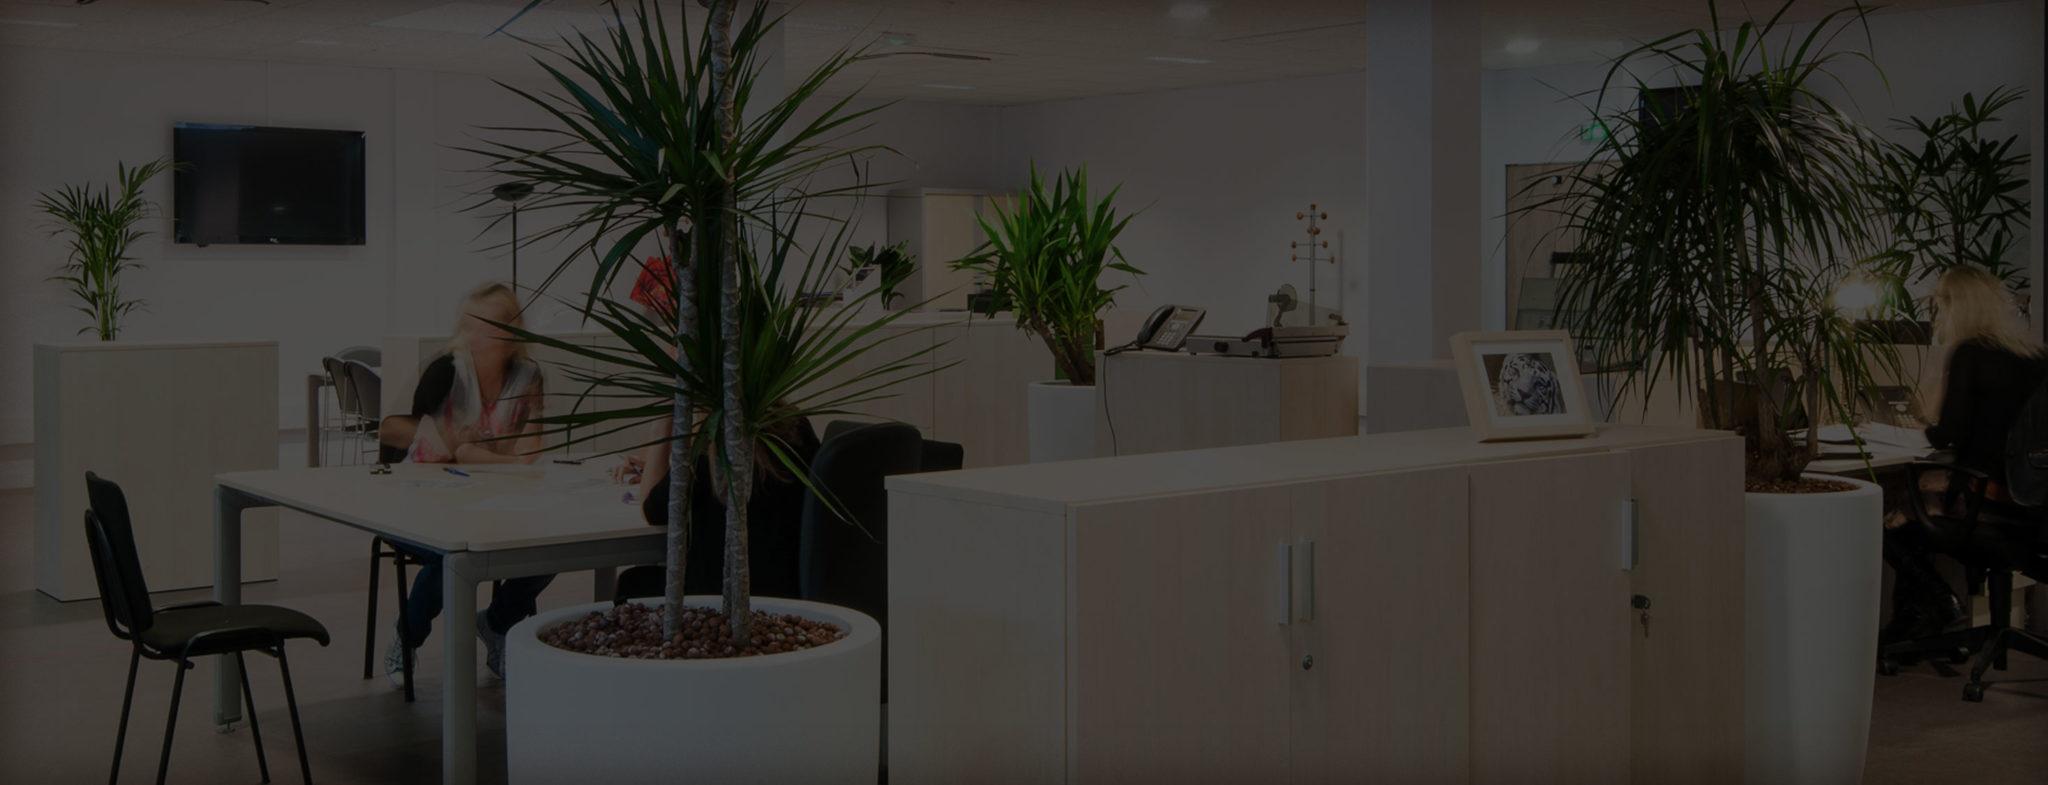 Bureaux et salles de réunion